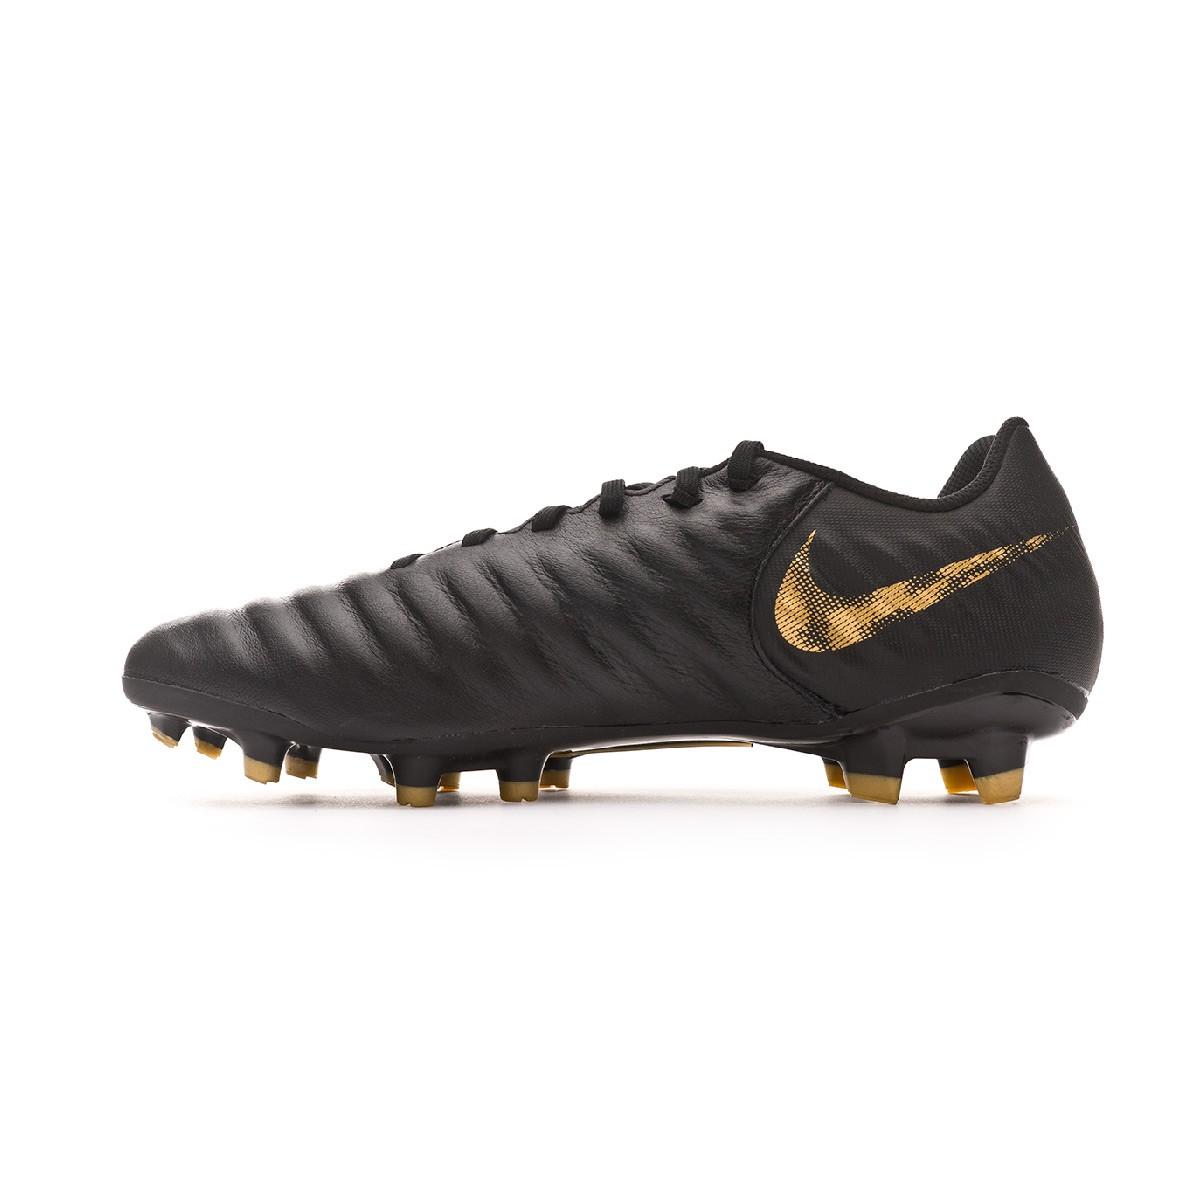 90bf3e0003065 Zapatos de fútbol Nike Tiempo Legend VII Academy FG Black-Metallic vivid  gold - Tienda de fútbol Fútbol Emotion